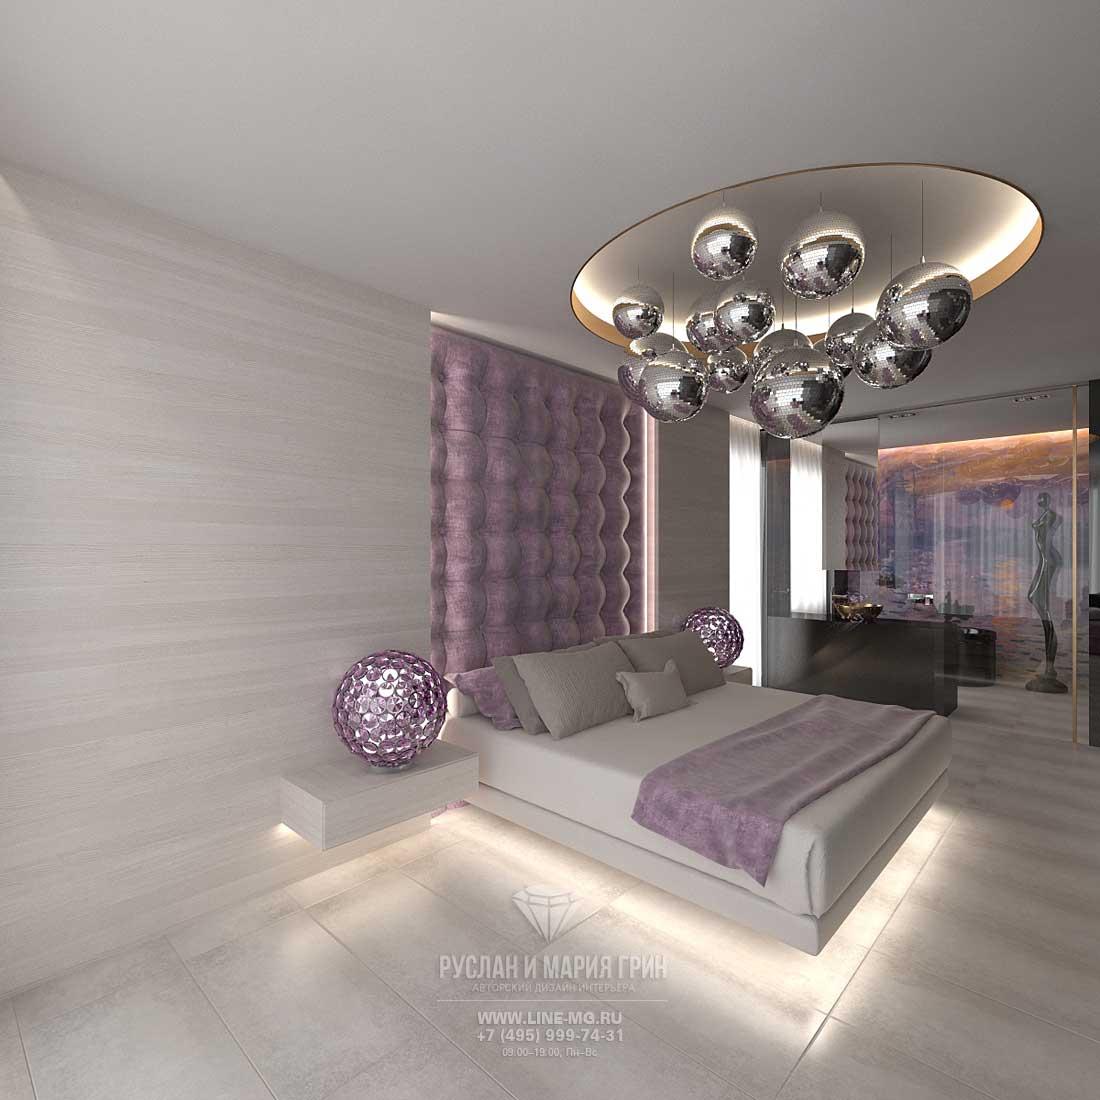 Дизайн спальни с ванной в доме: фото 2016